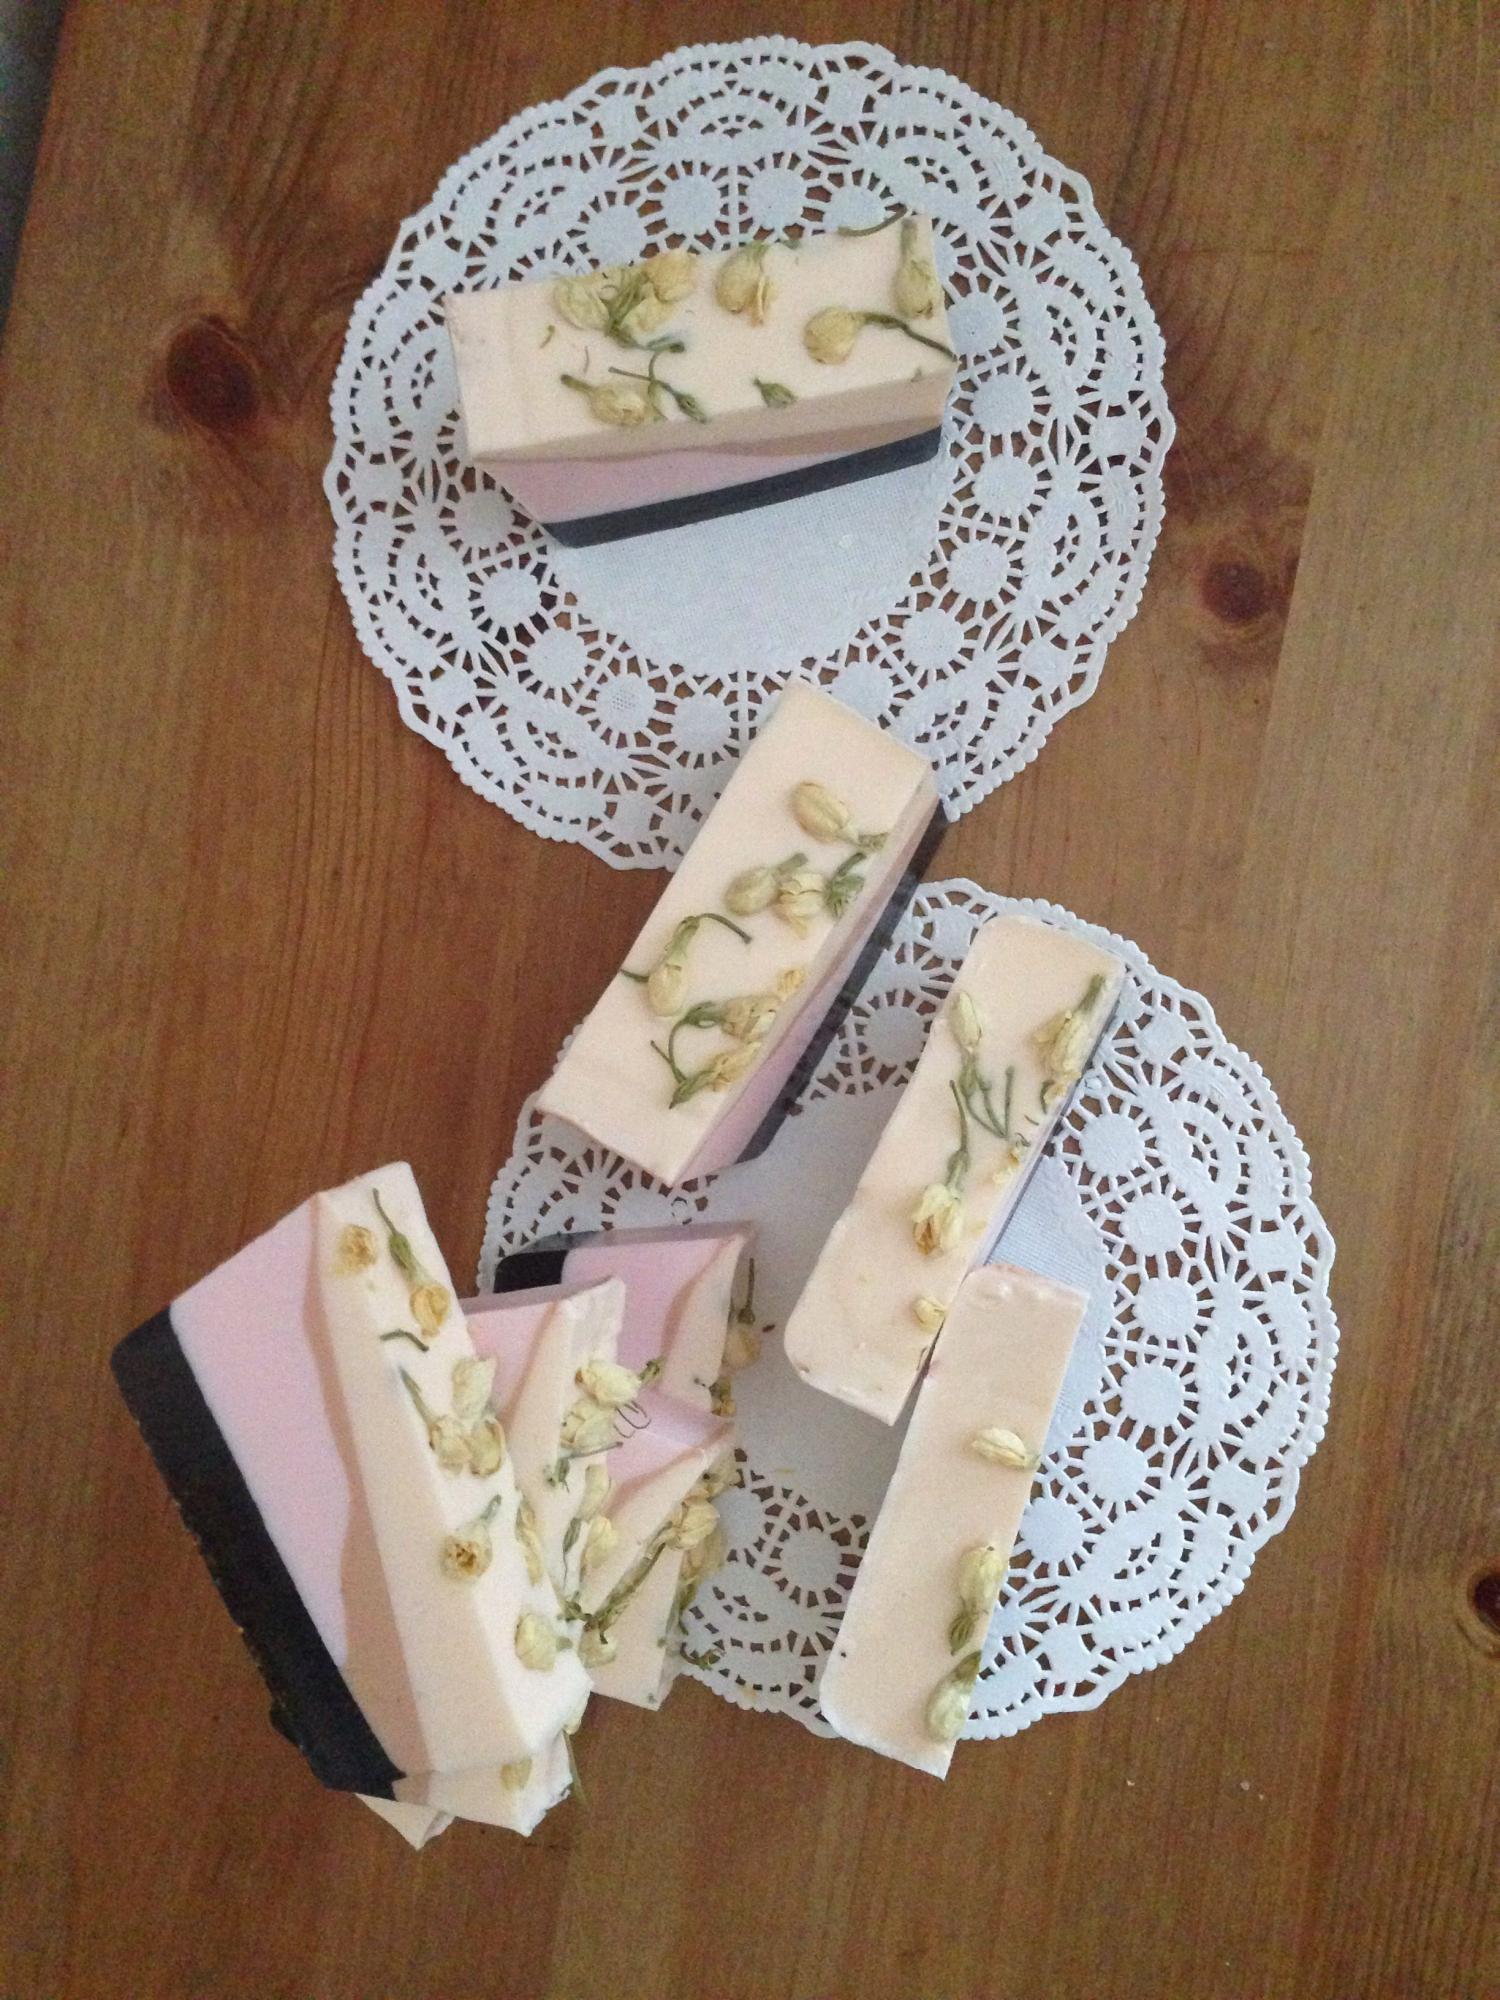 handmade мыло москва красивоемыло soap мылоручнойработы